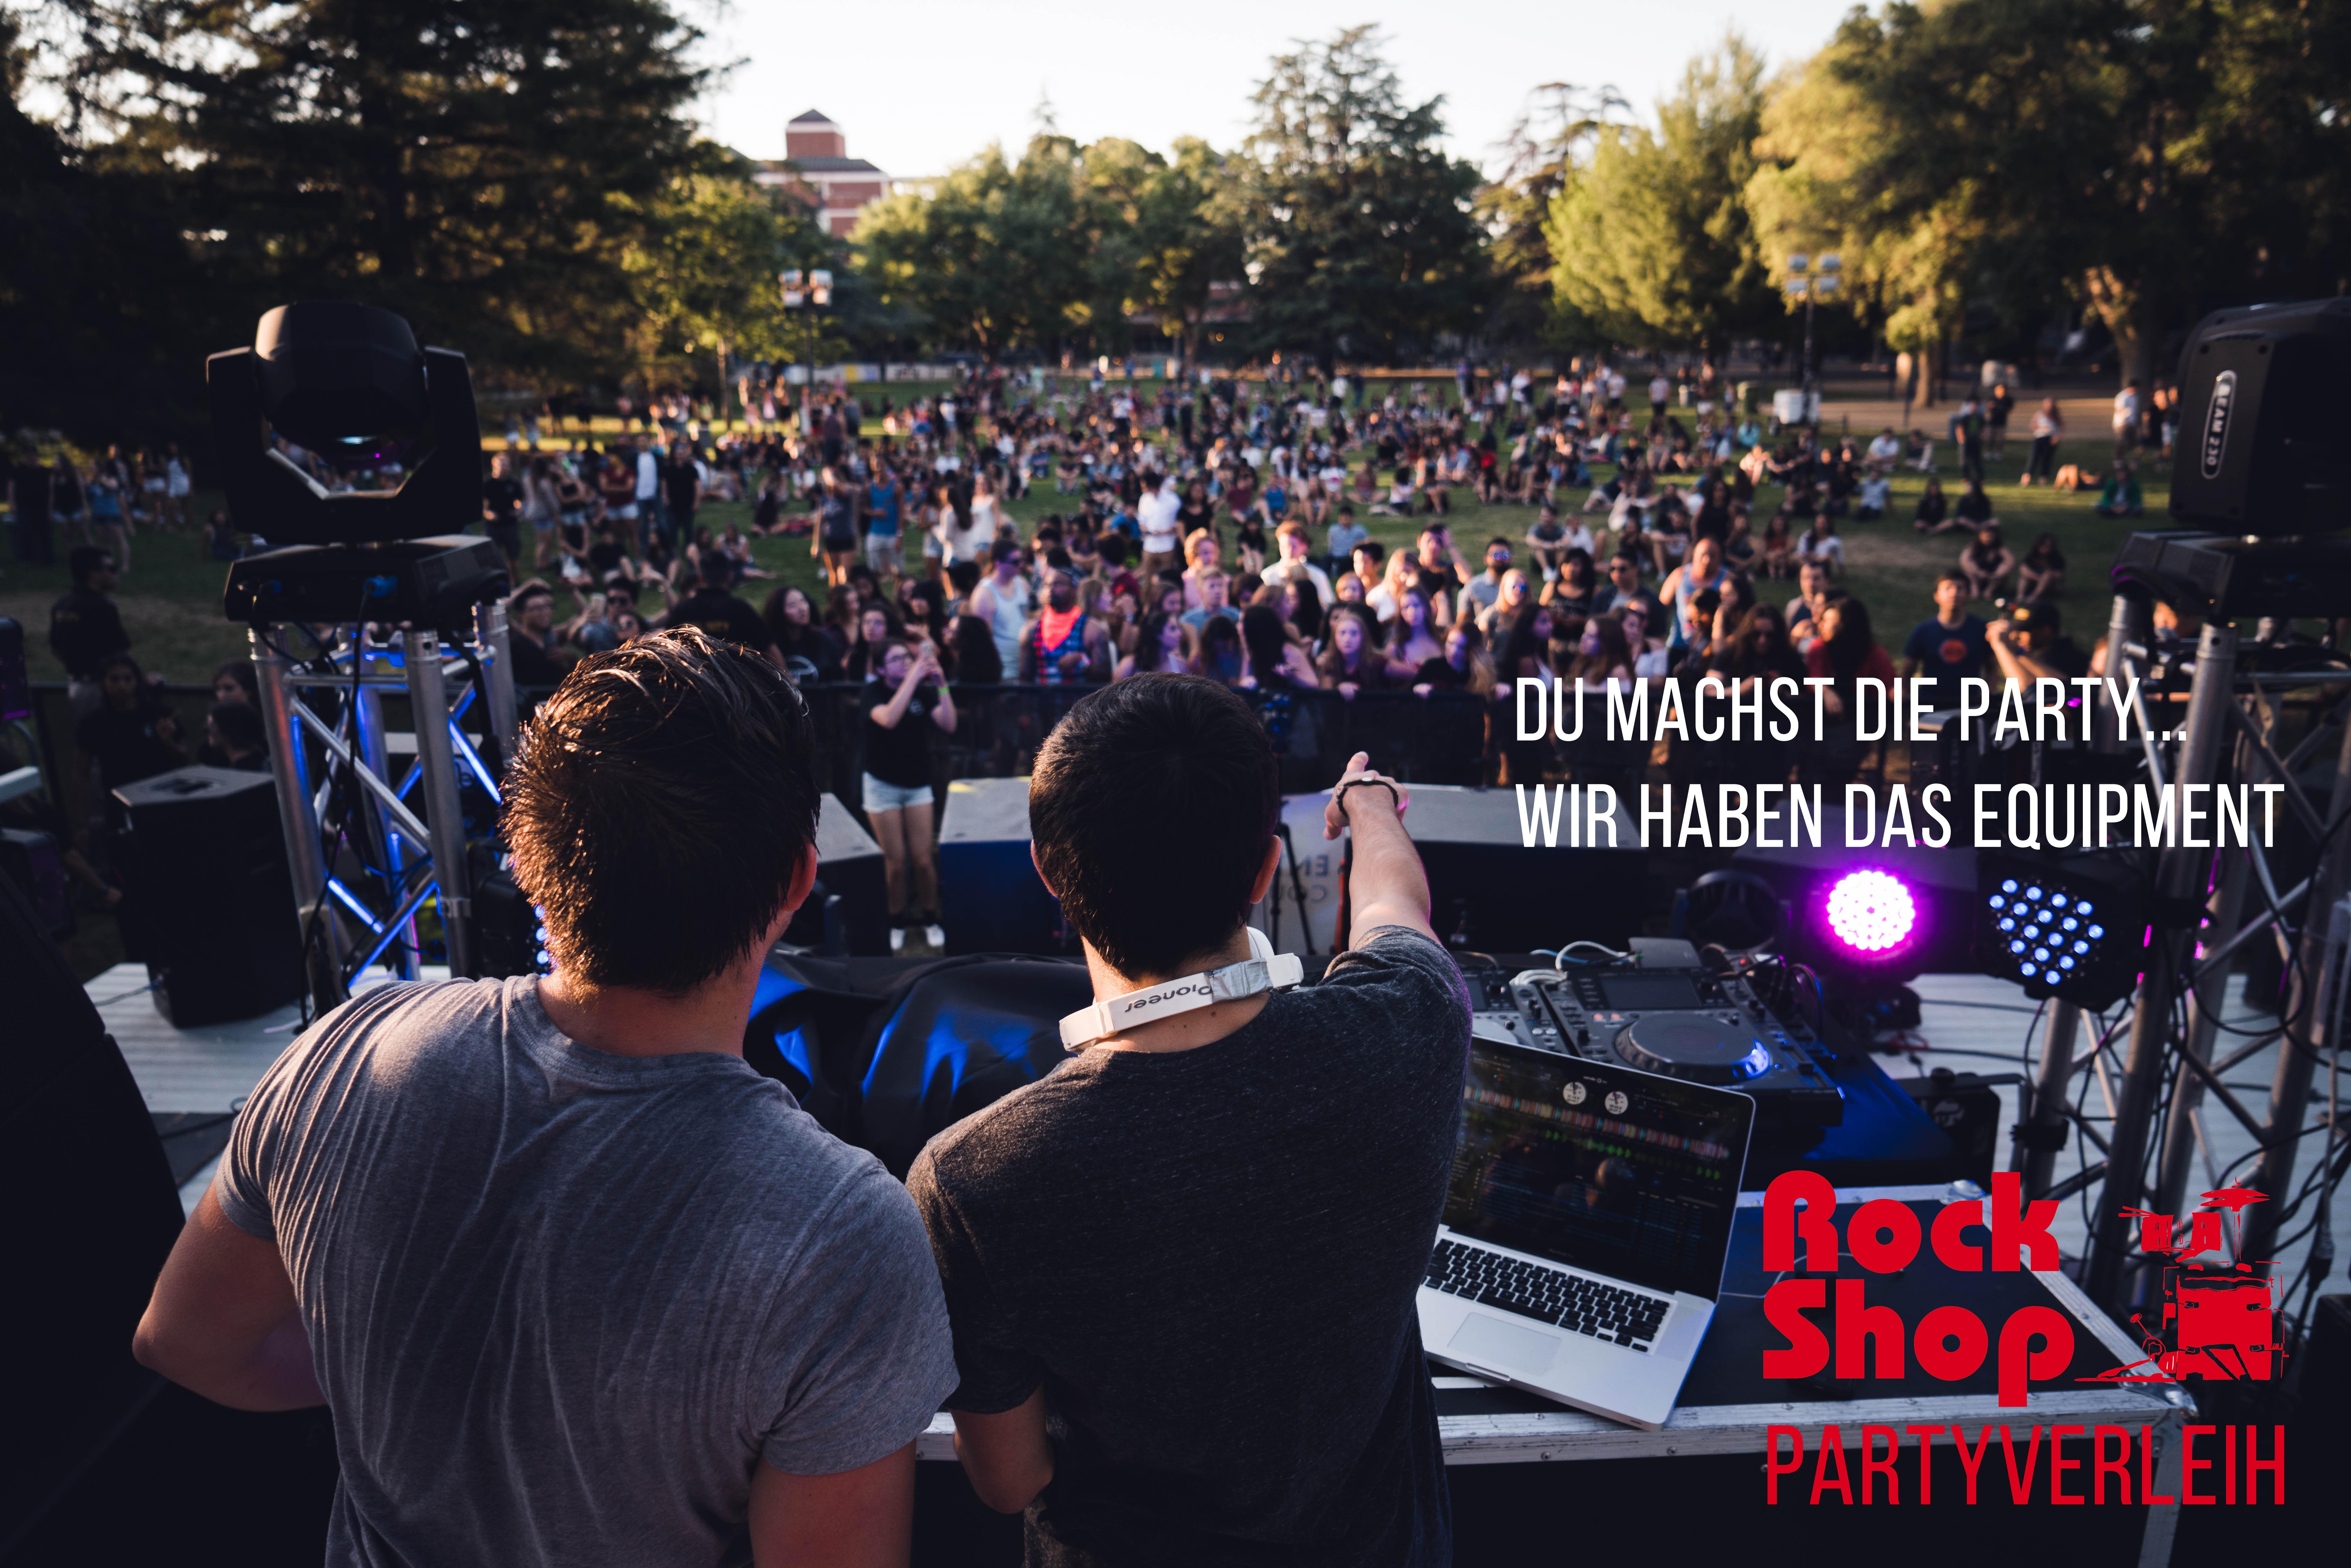 partyverleih_RS